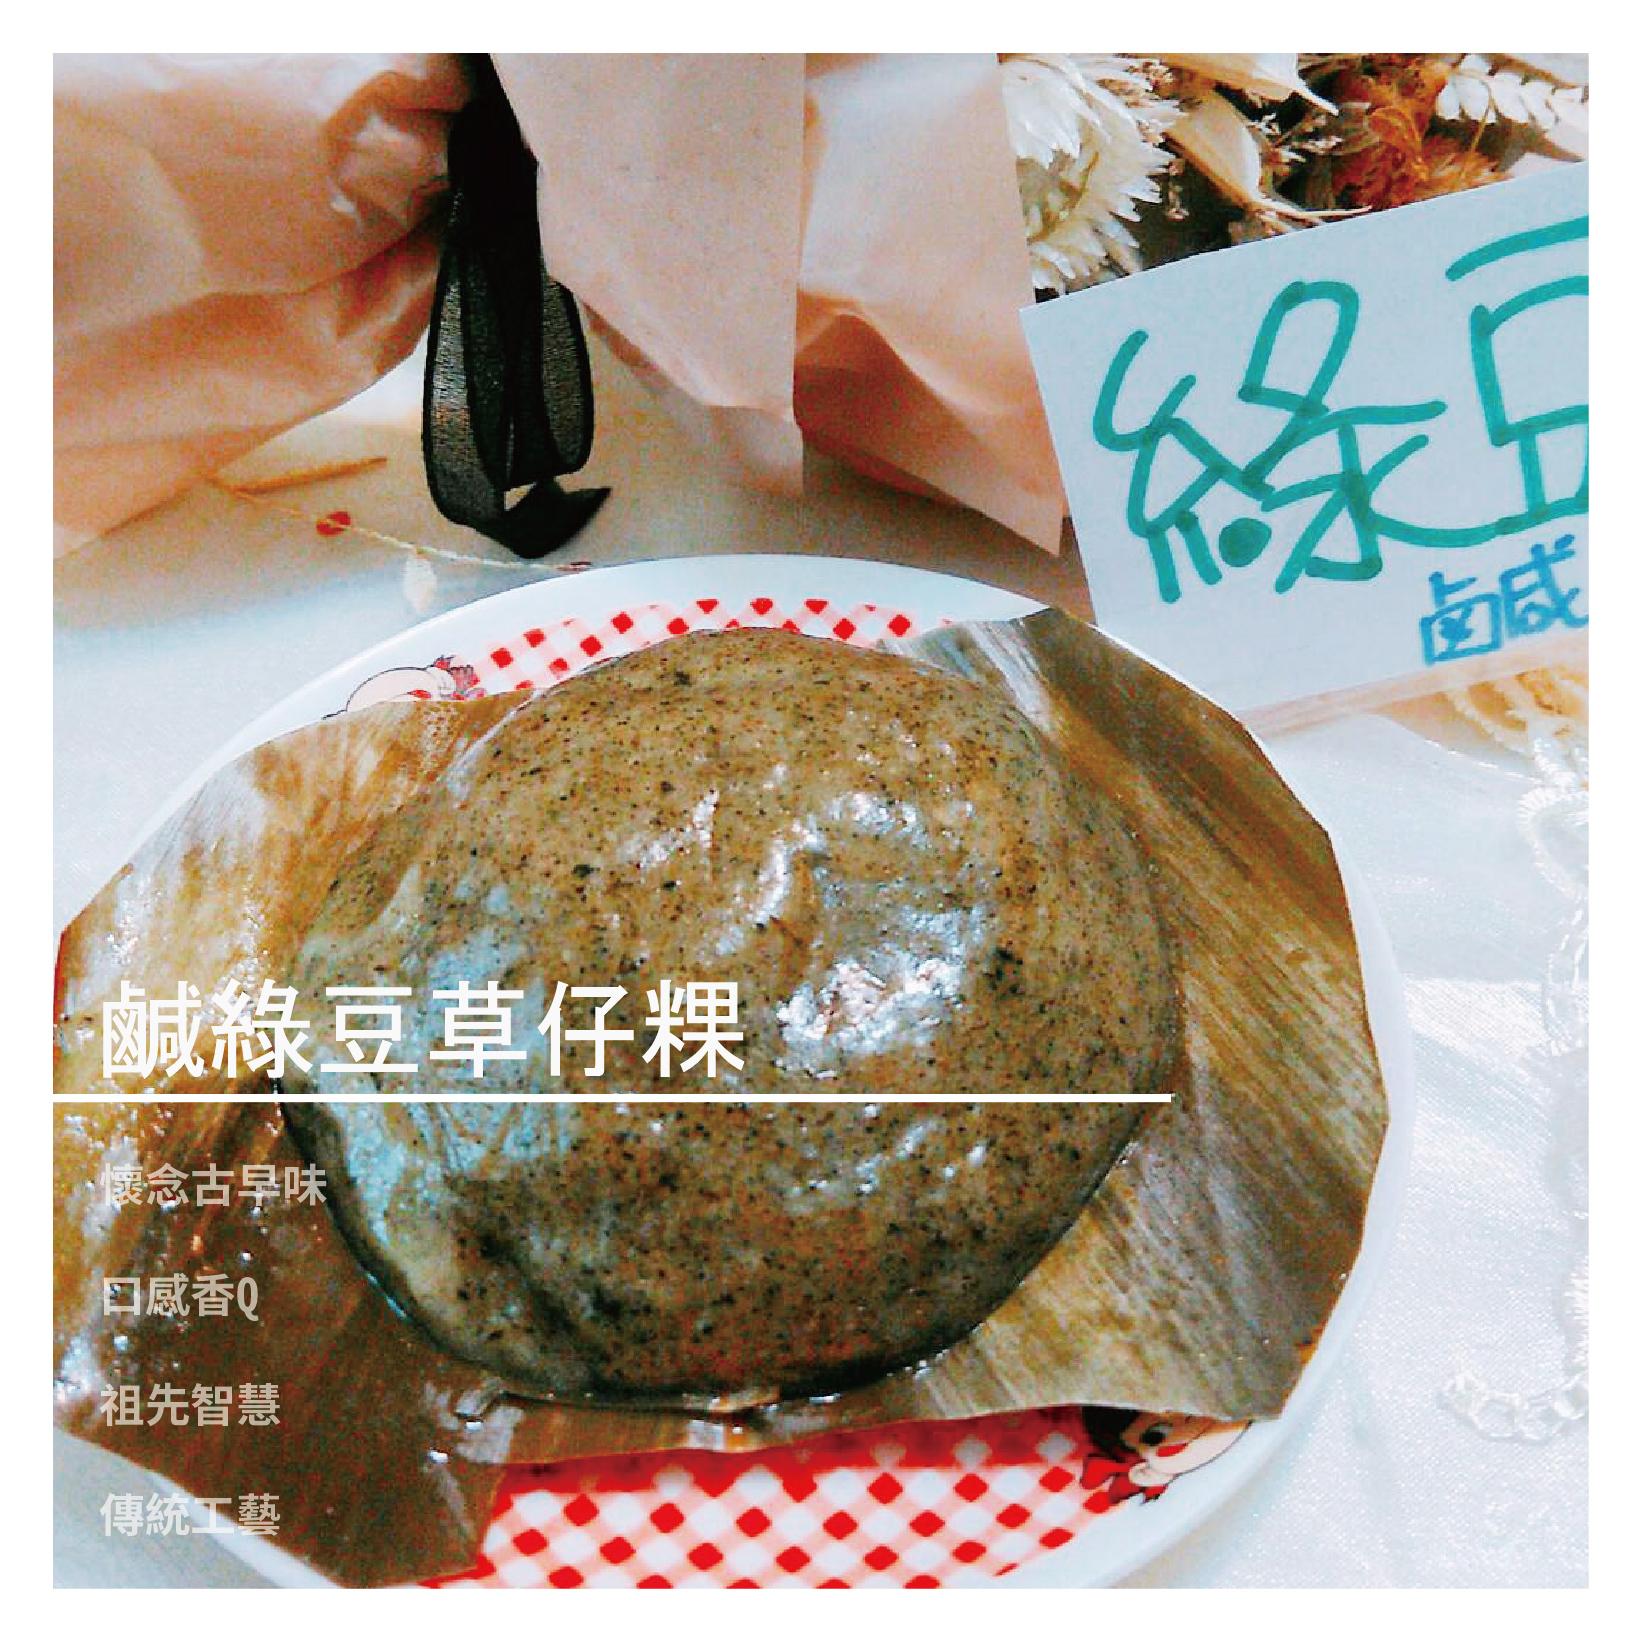 【草仔粿-Nina】鹹綠豆草仔粿 10入